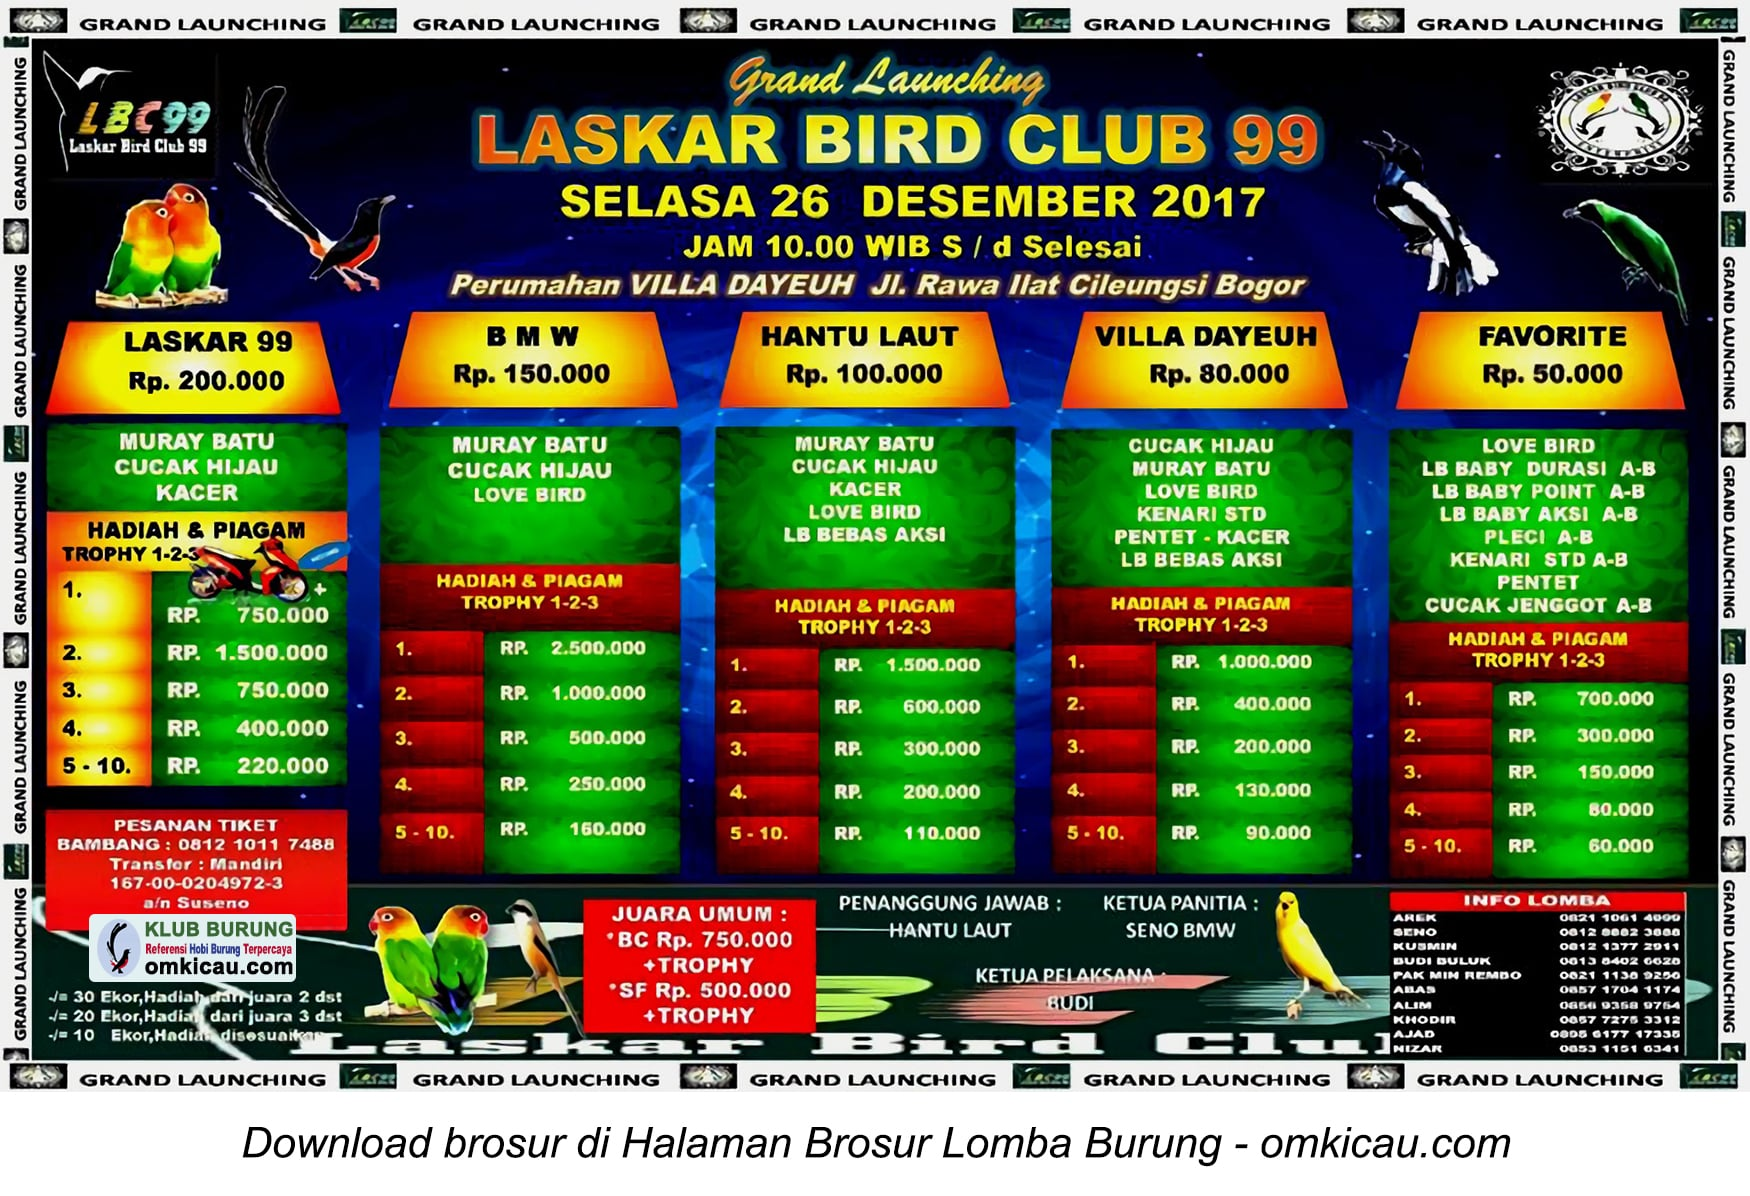 Laskar Bird Club 99